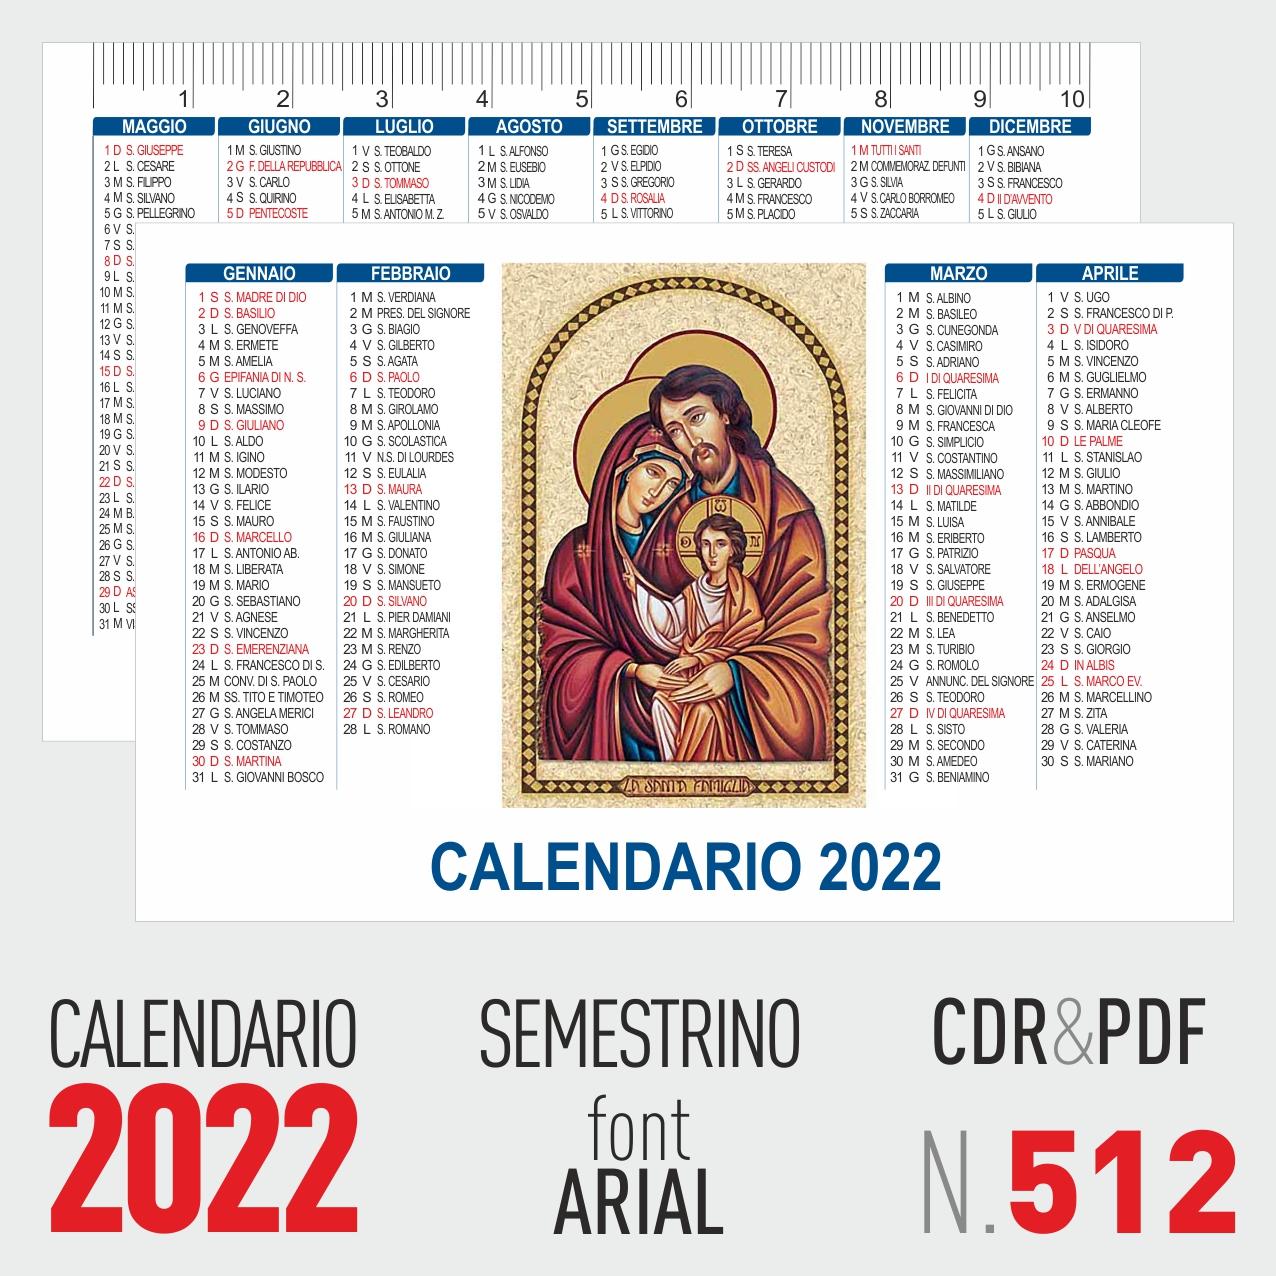 calendario 2022 semestrino